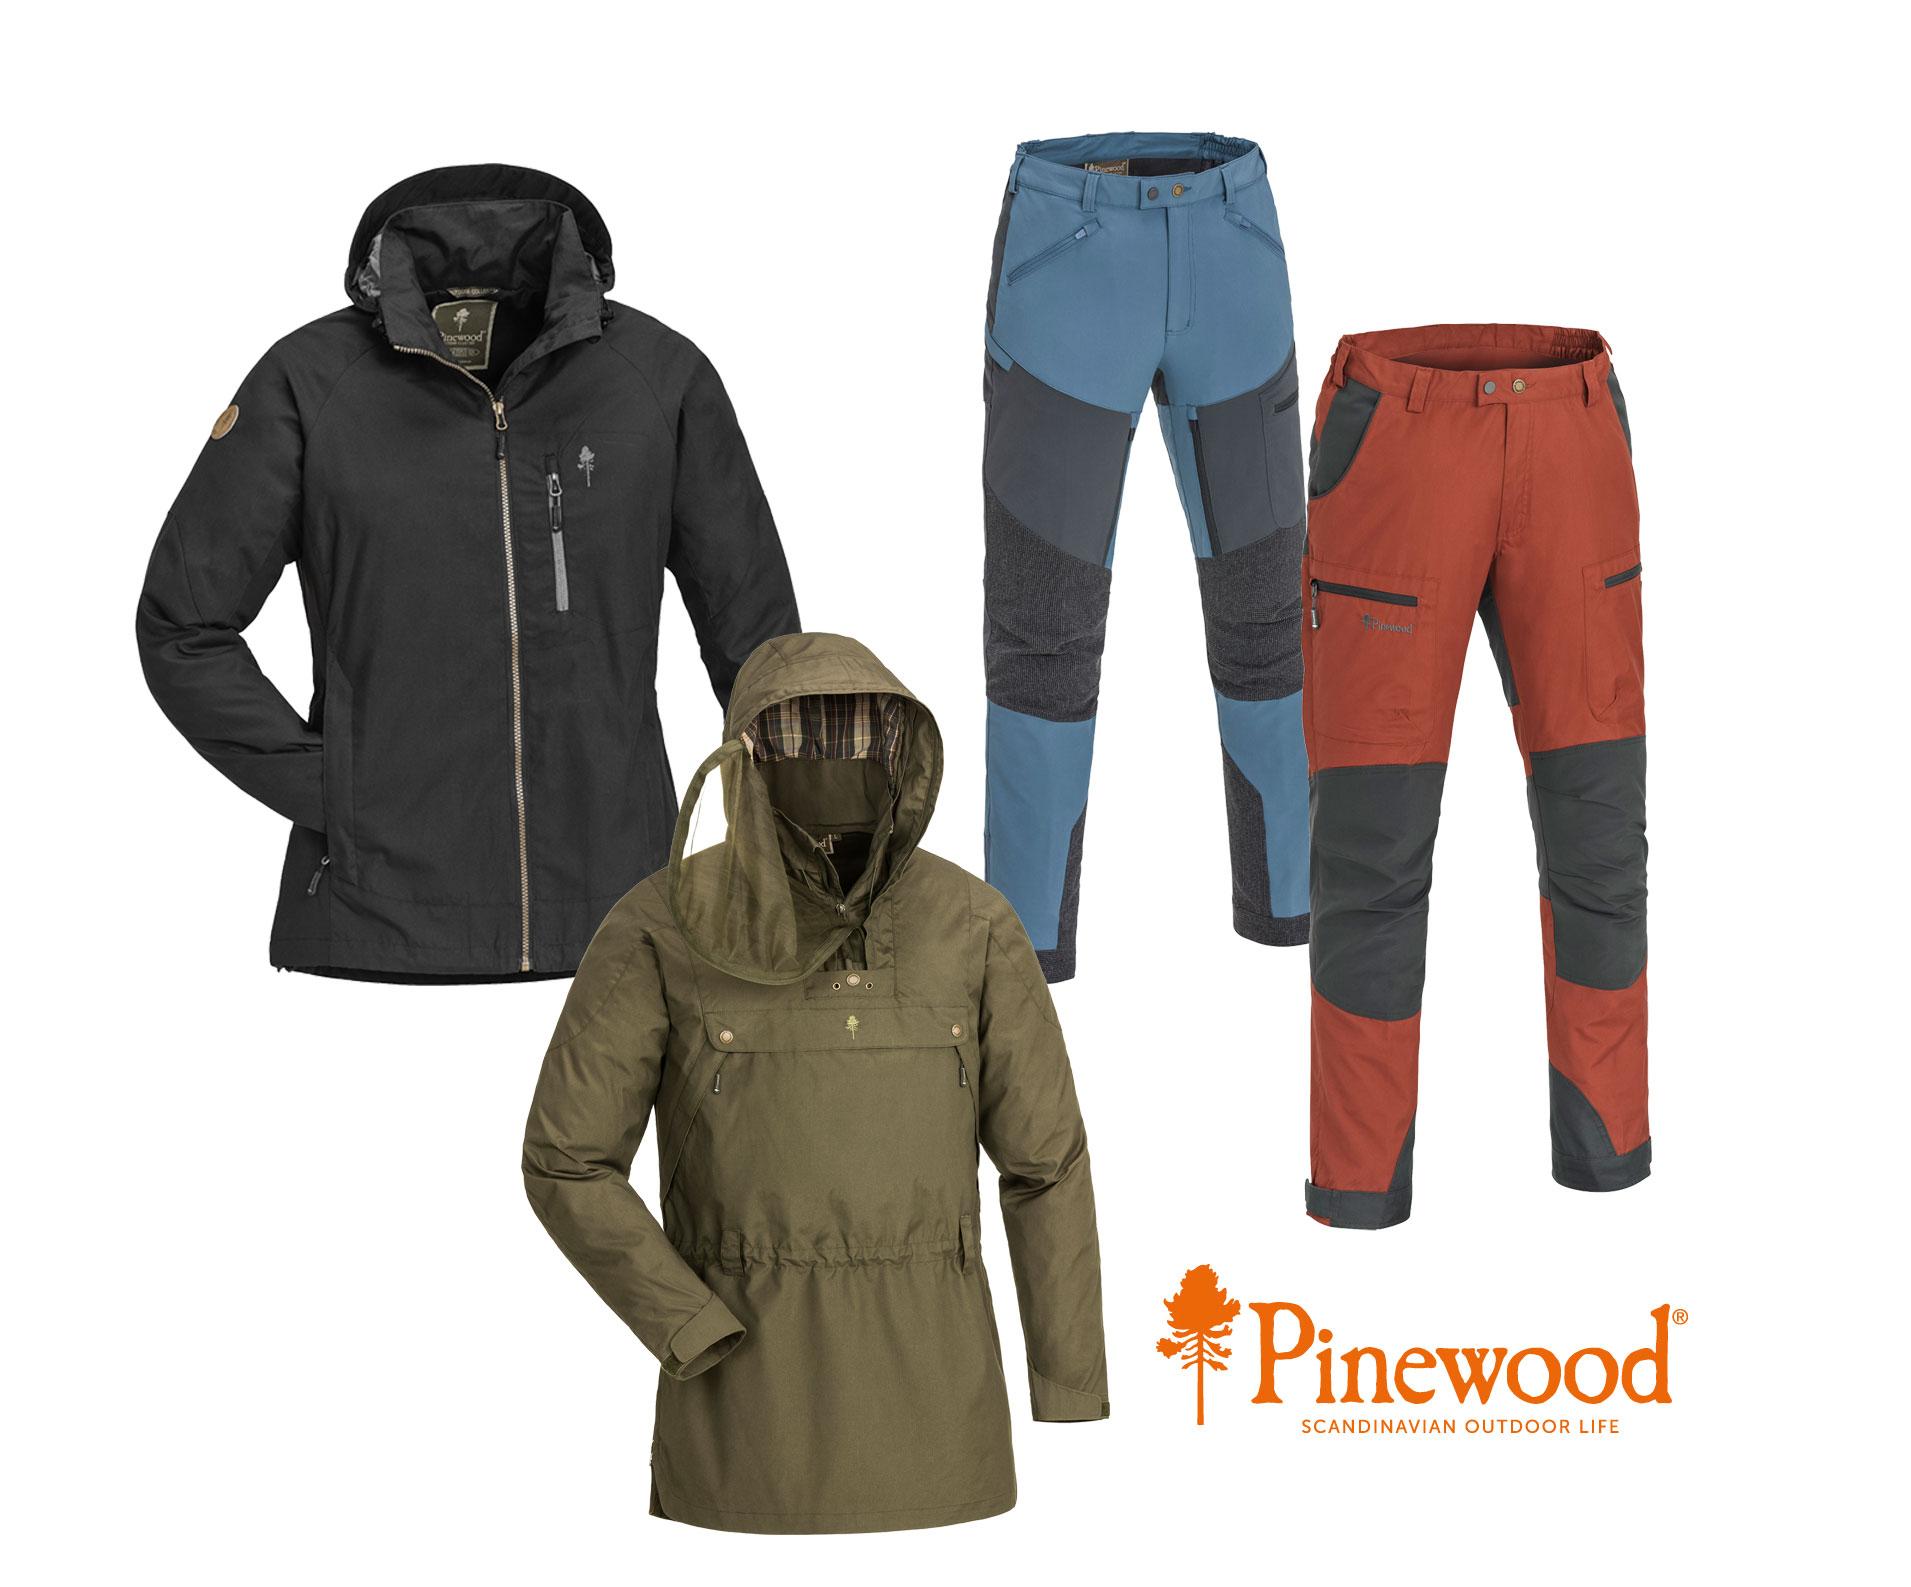 Der Herbst kann kommen - mit Pinewood richtig ausgerüstet